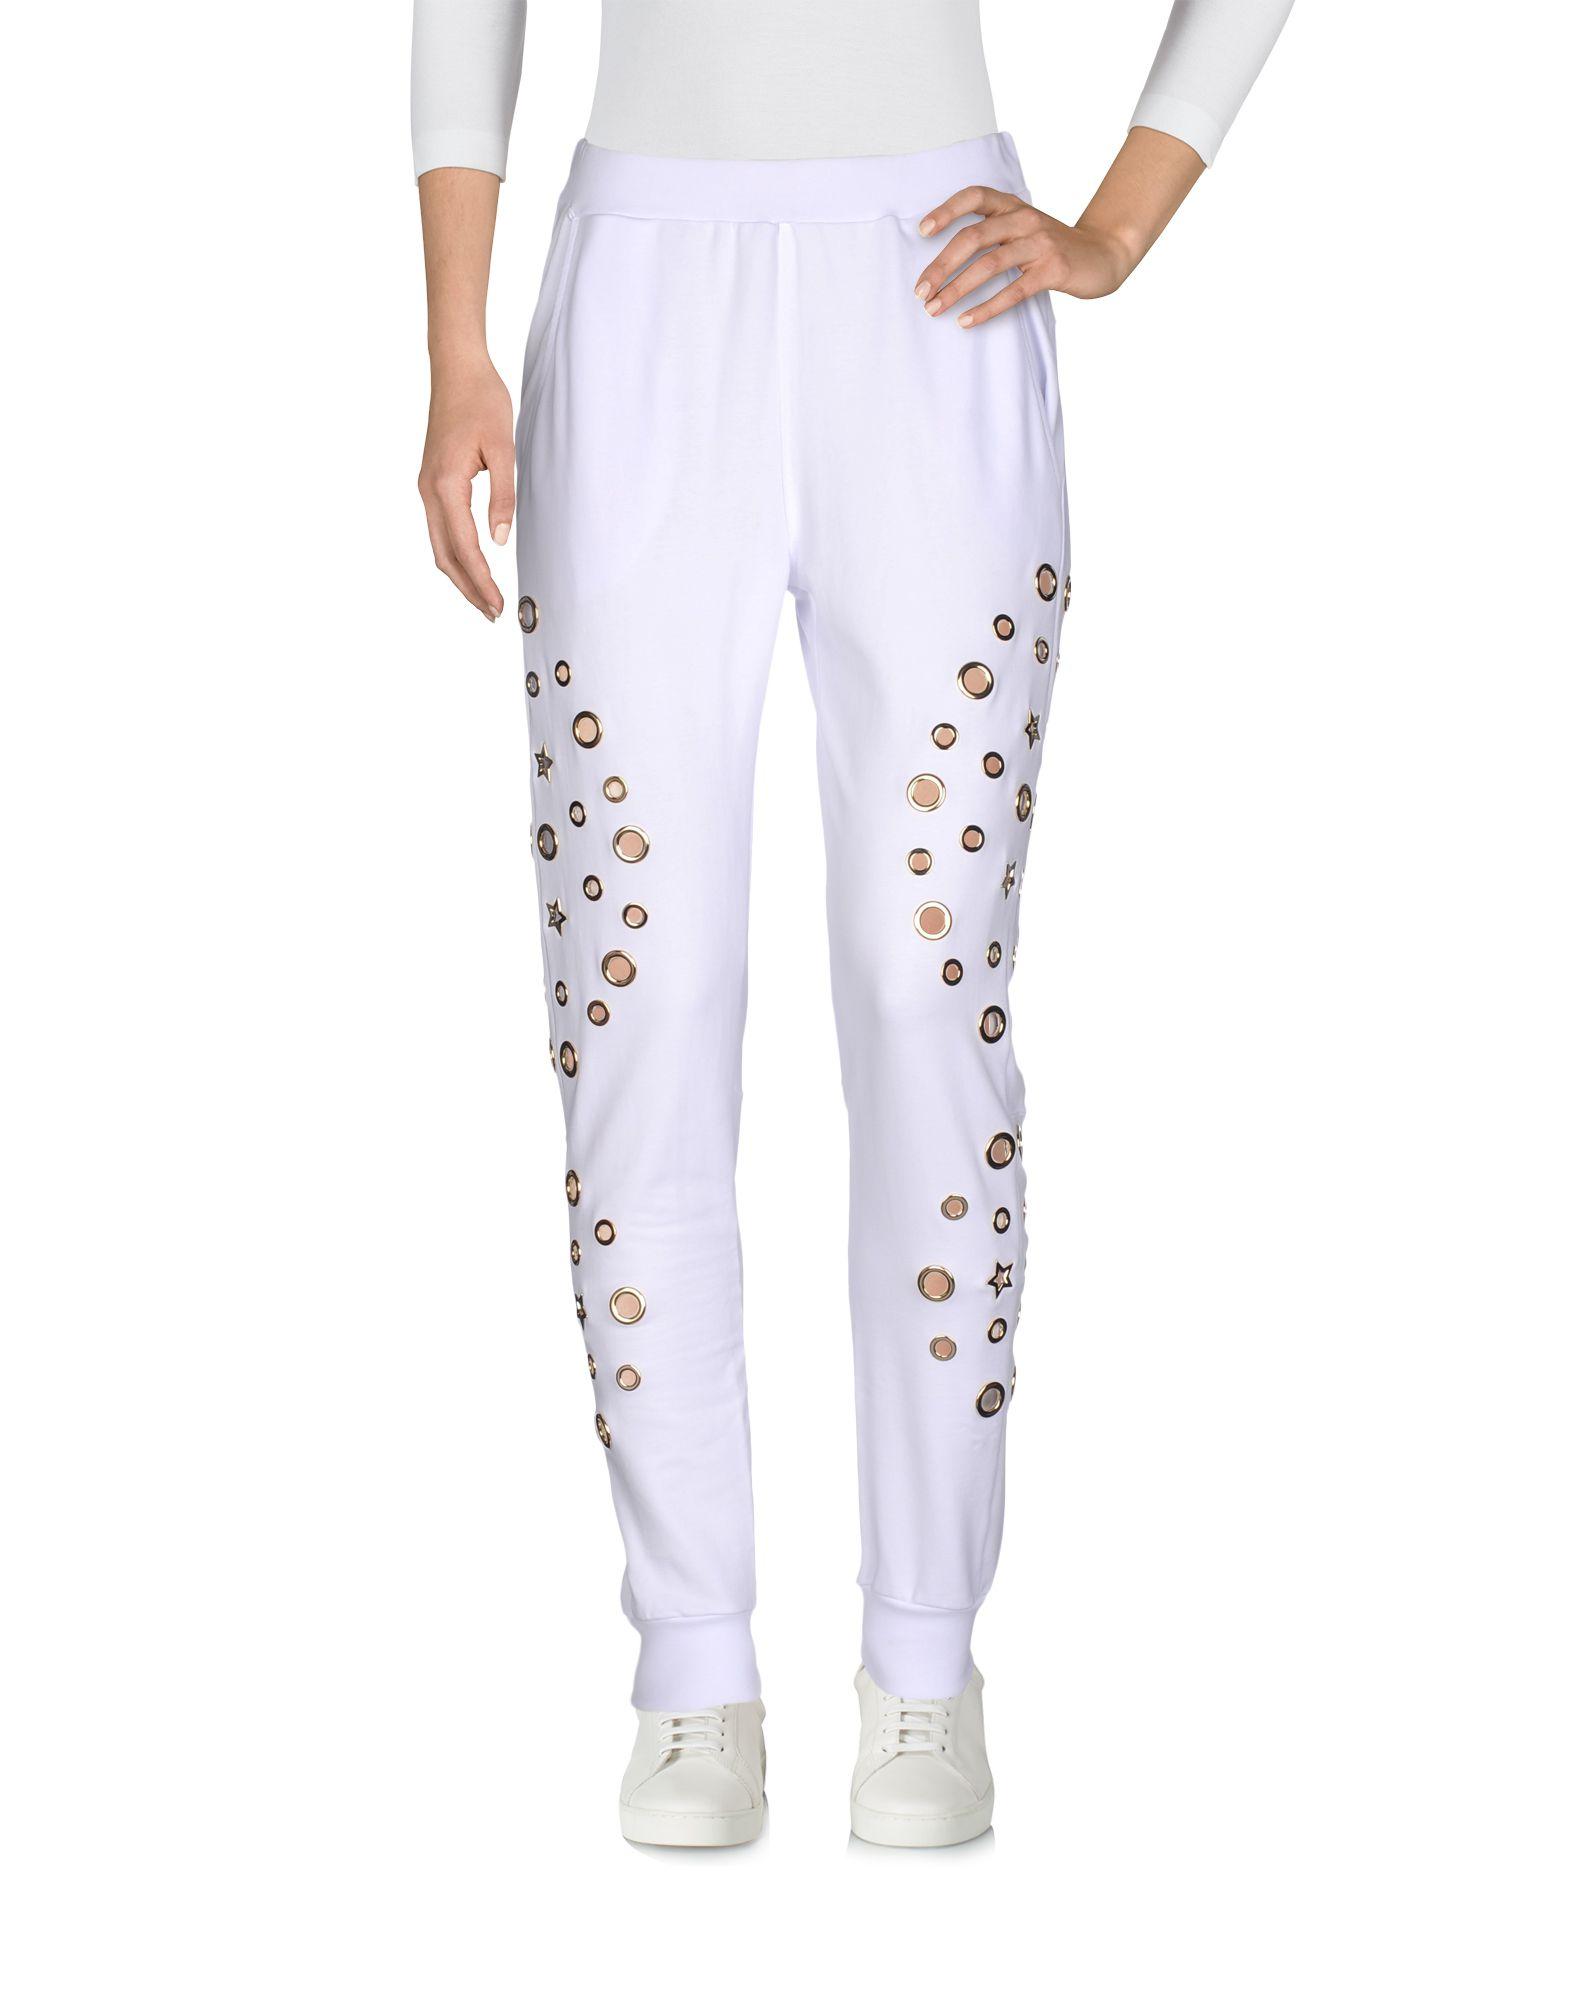 Pantalone Philipp Plein Donna - Acquista online su 5TeS5Uy